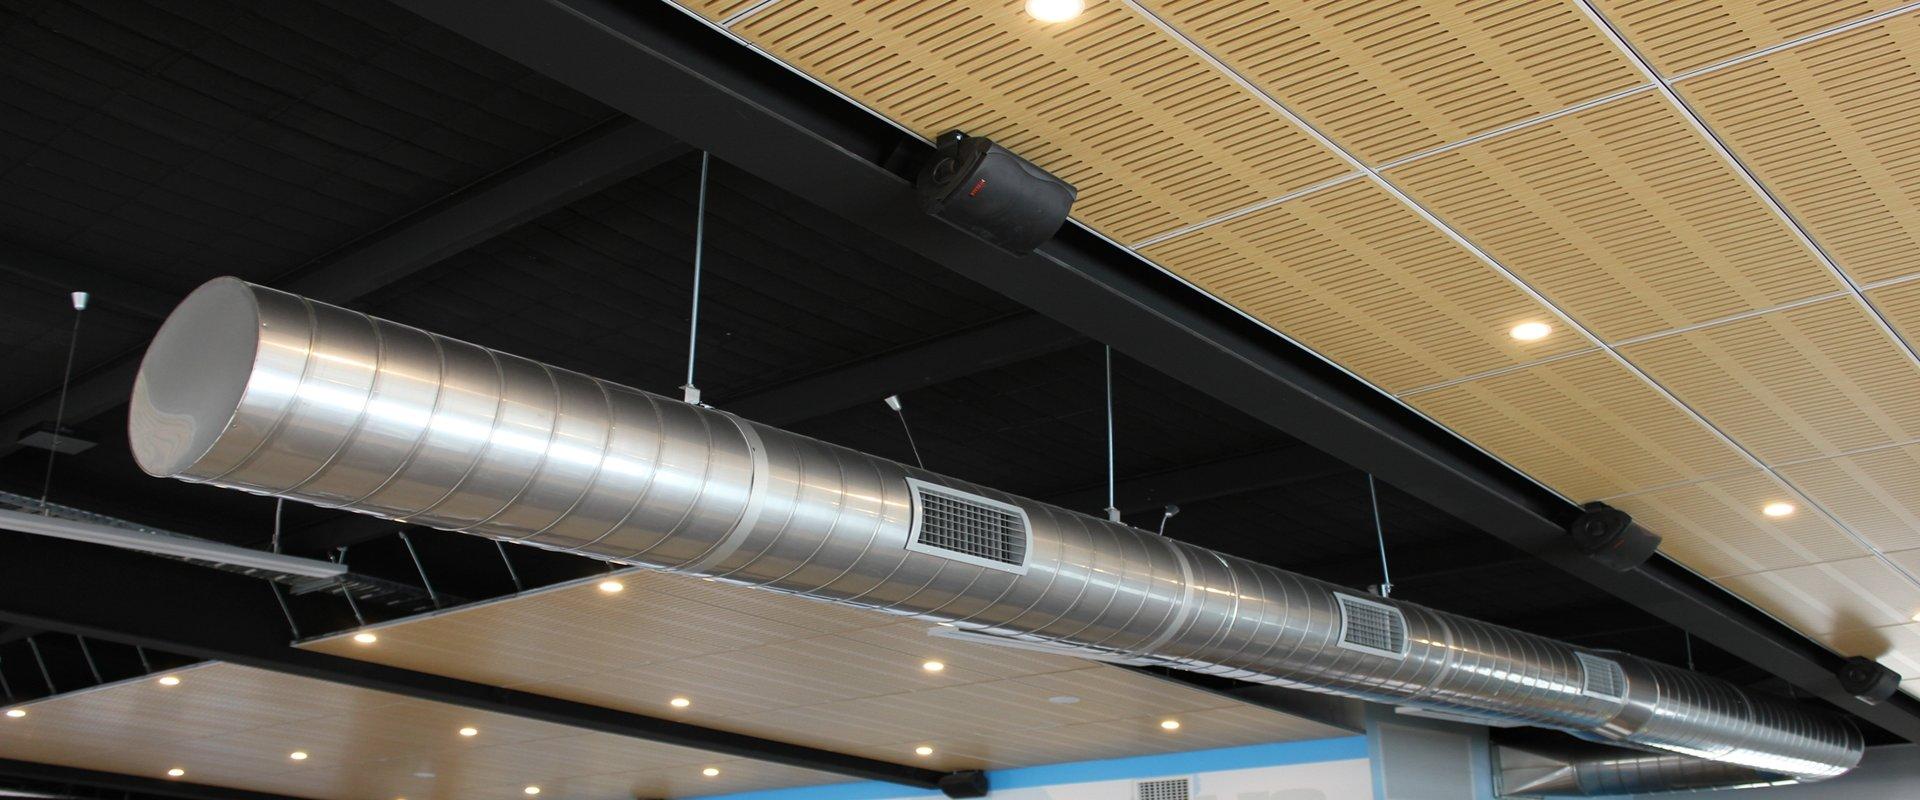 Instalatii de ventilatie eficiente